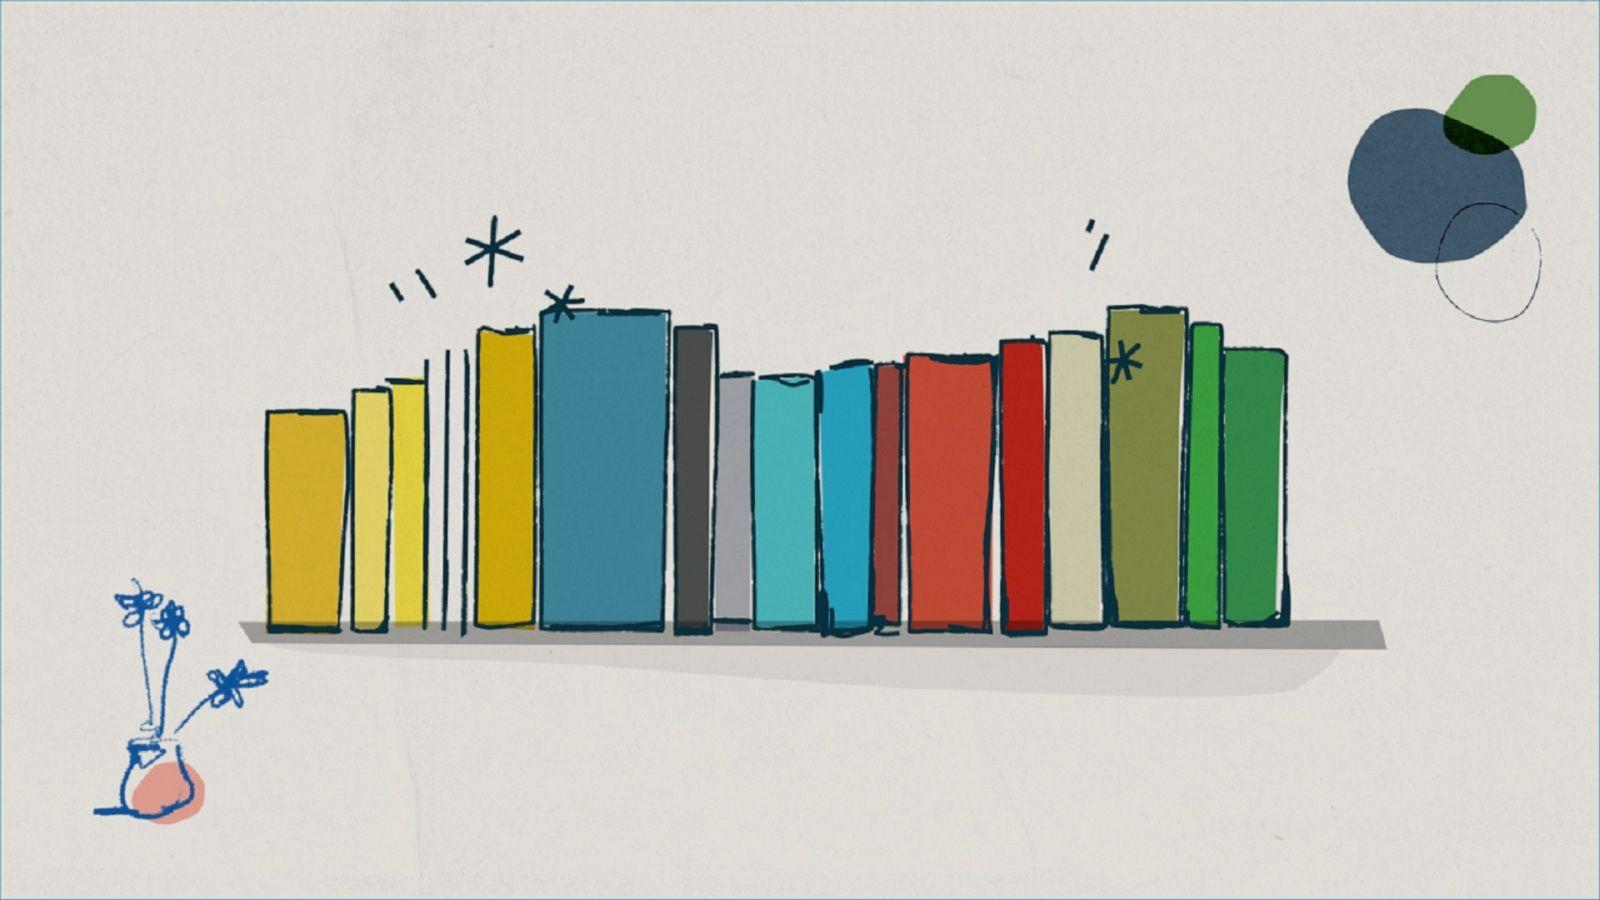 What's the best way to organize your bookshelf? | FiveThirtyEight Debate Club